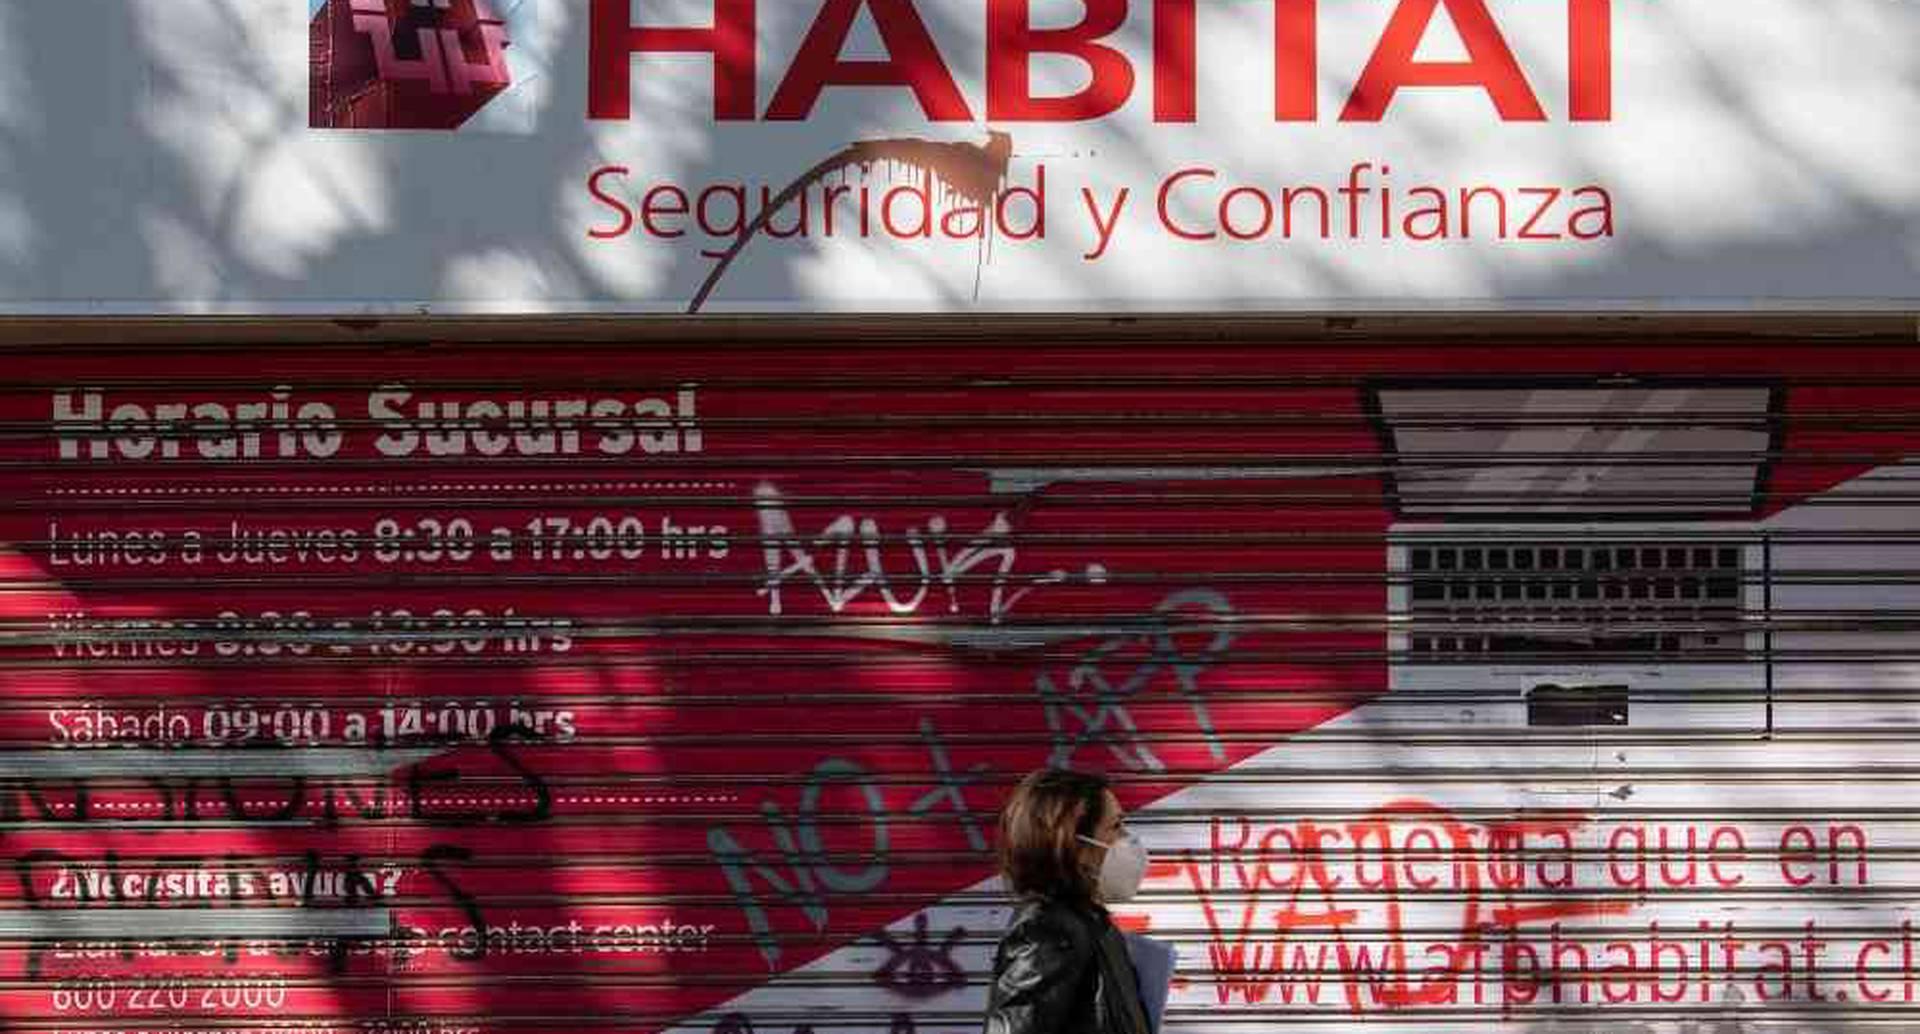 Una mujer pasa en frente de la oficina de una AFP en Santiago. Ciudadanos vandalizaron algunos locales, pidiendo el fin de los fondos privados. Foto: AFP